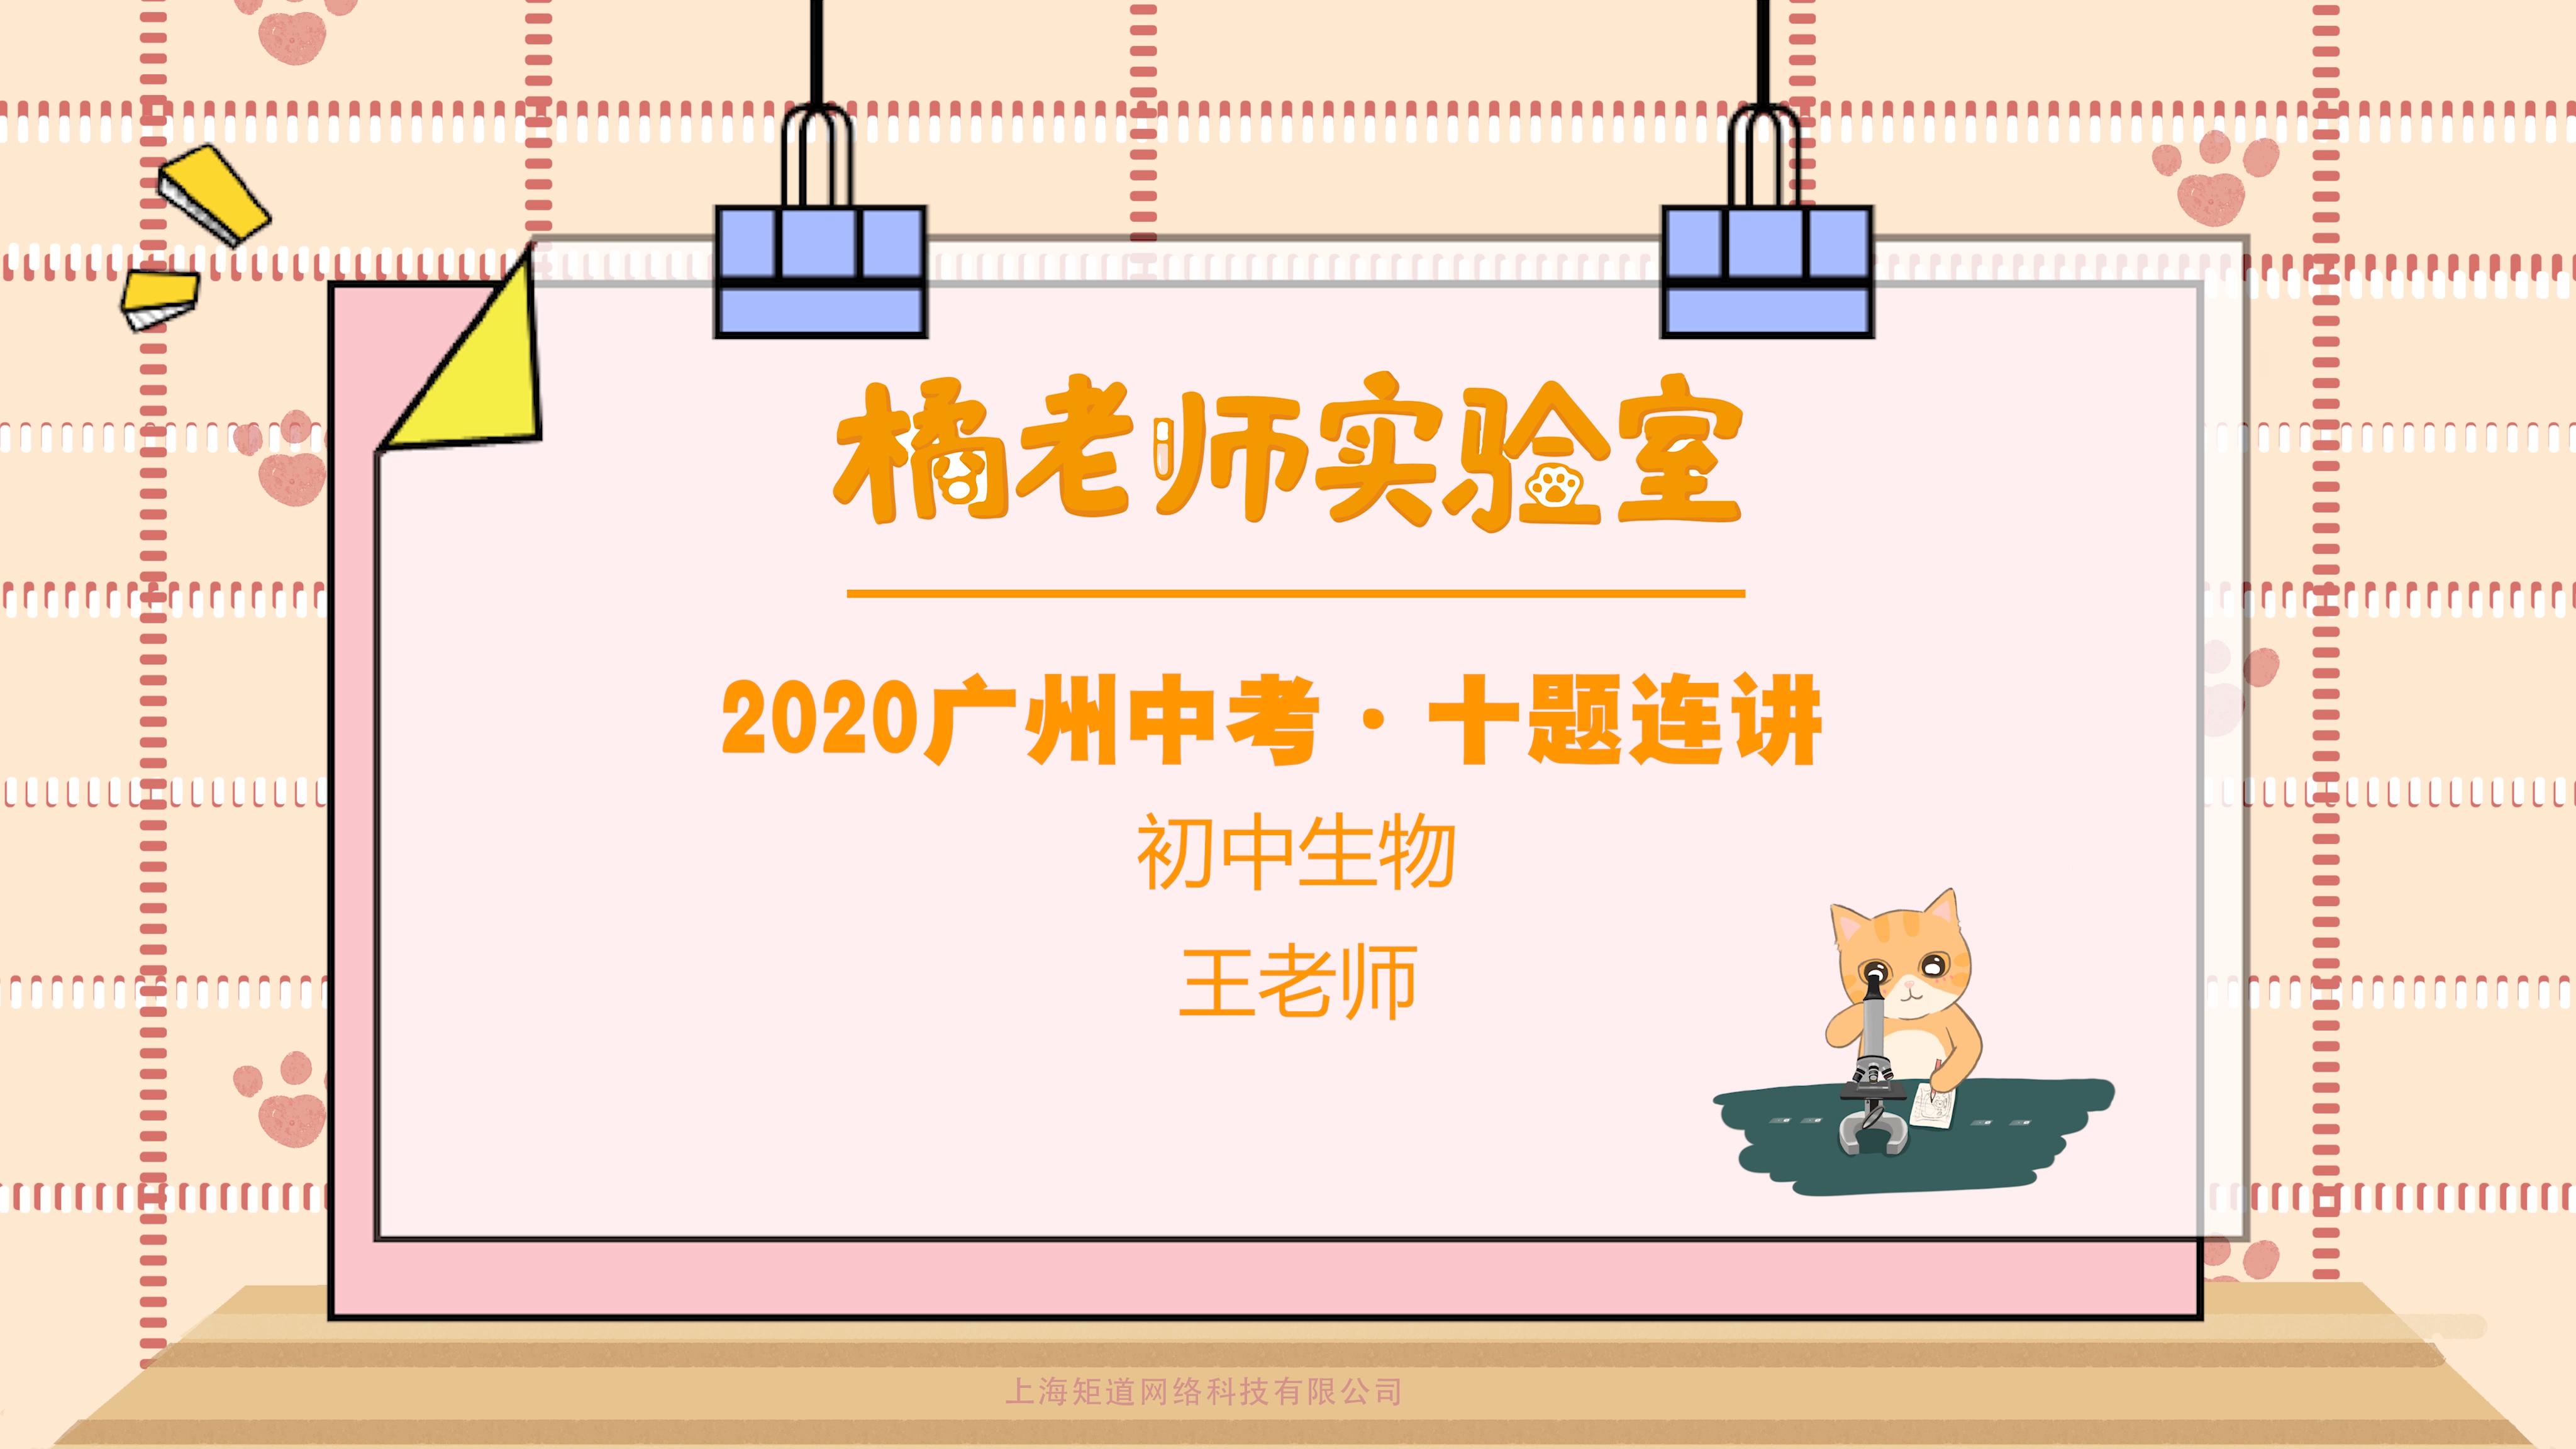 第一百八十三期:《2020广州中考·十题连讲》